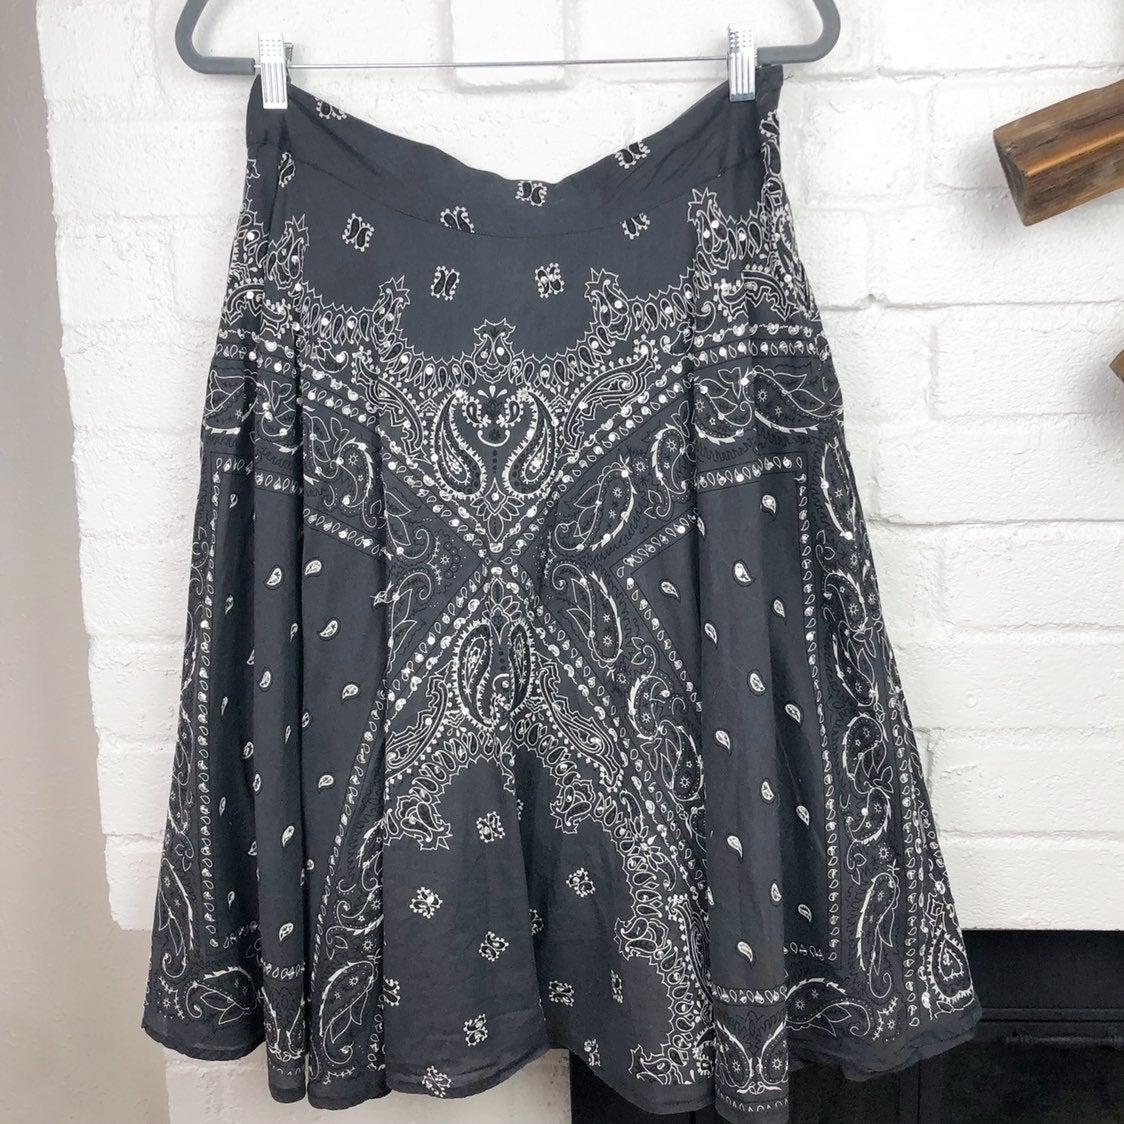 Vintage Forever 21 Bandana skirt